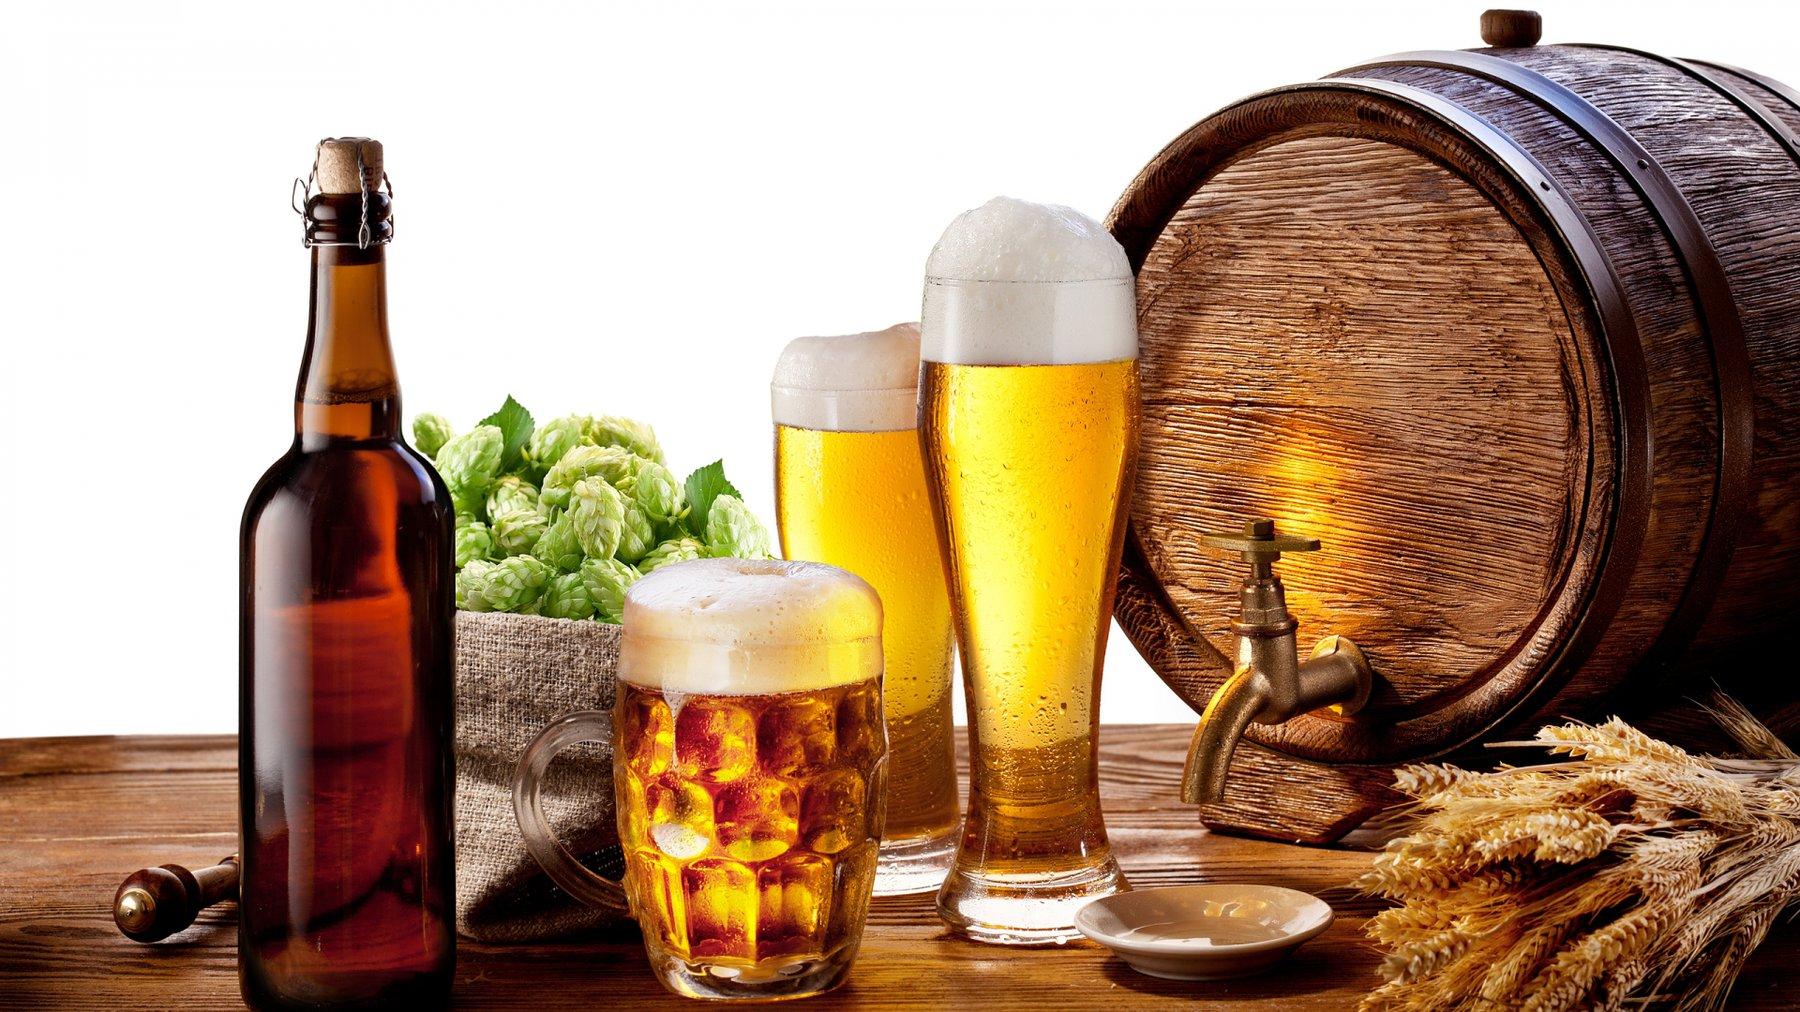 Muốn giảm cân nên hạn chế bia rượu